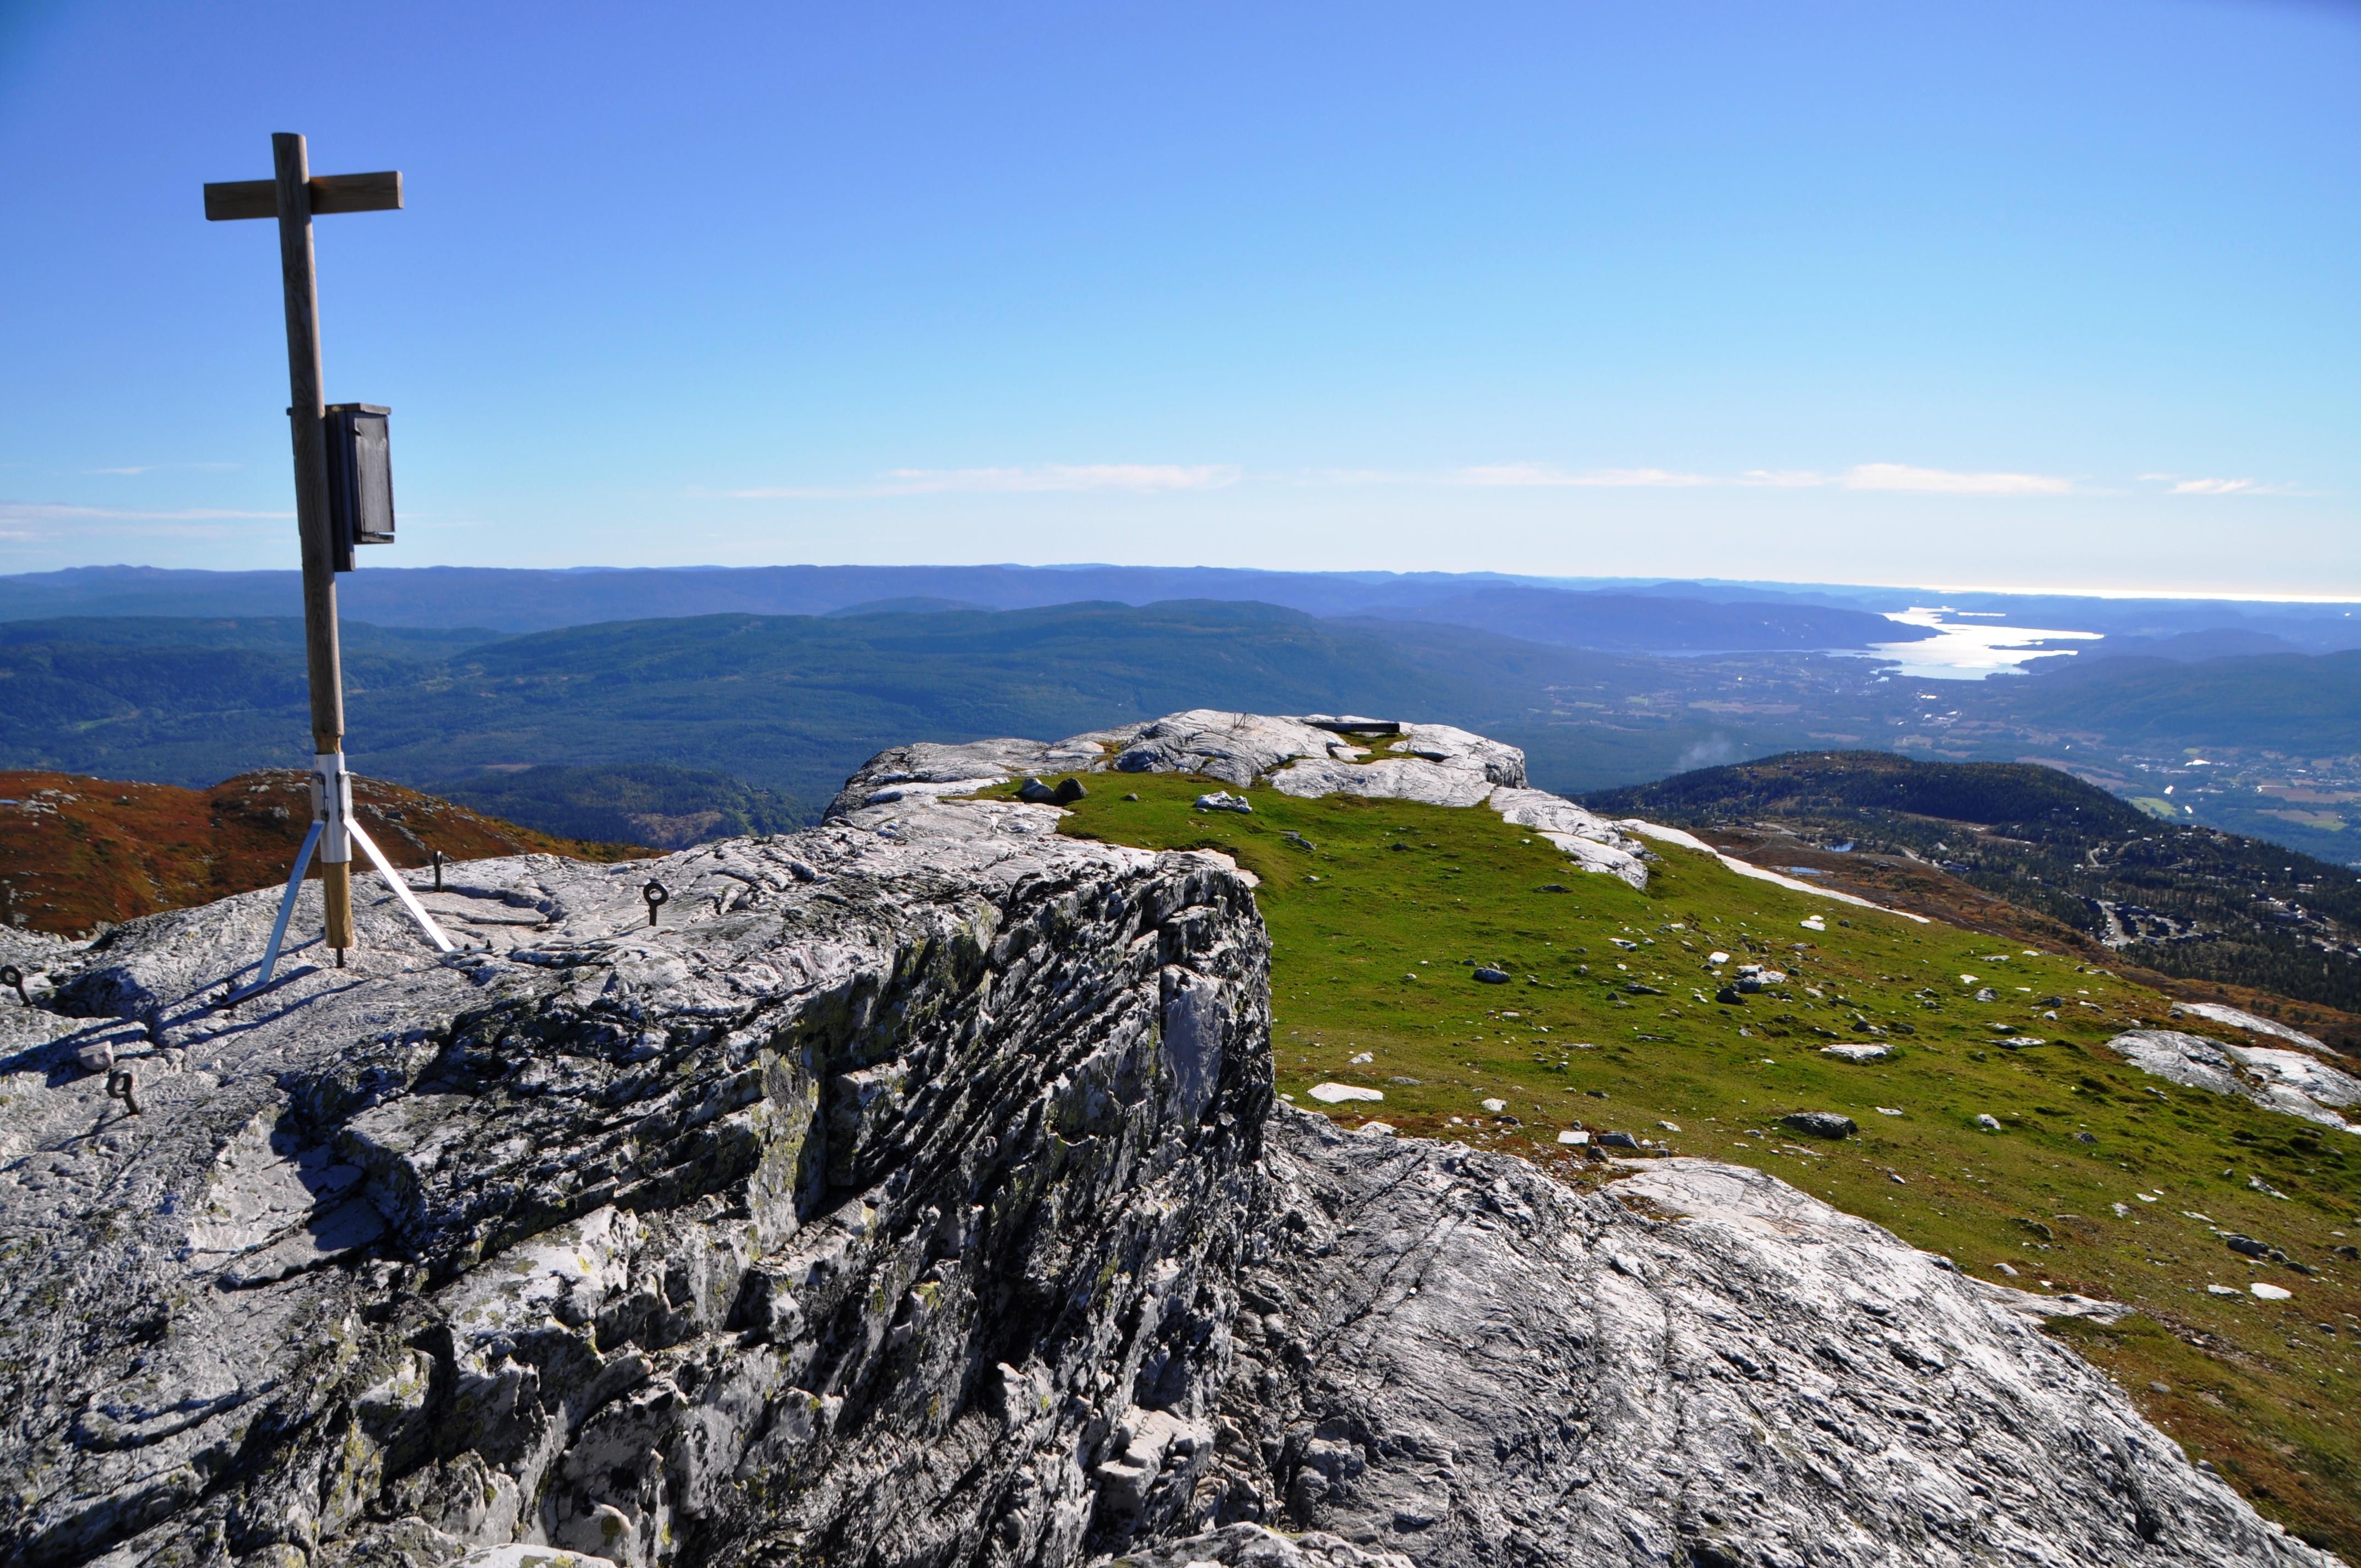 Fra Skrubbelinuten på Lifjell, en topp på 1121 meter over havet. Blå himmel og nydelig utsikt over Norsjø og Telemark., © Øystein Akselberg